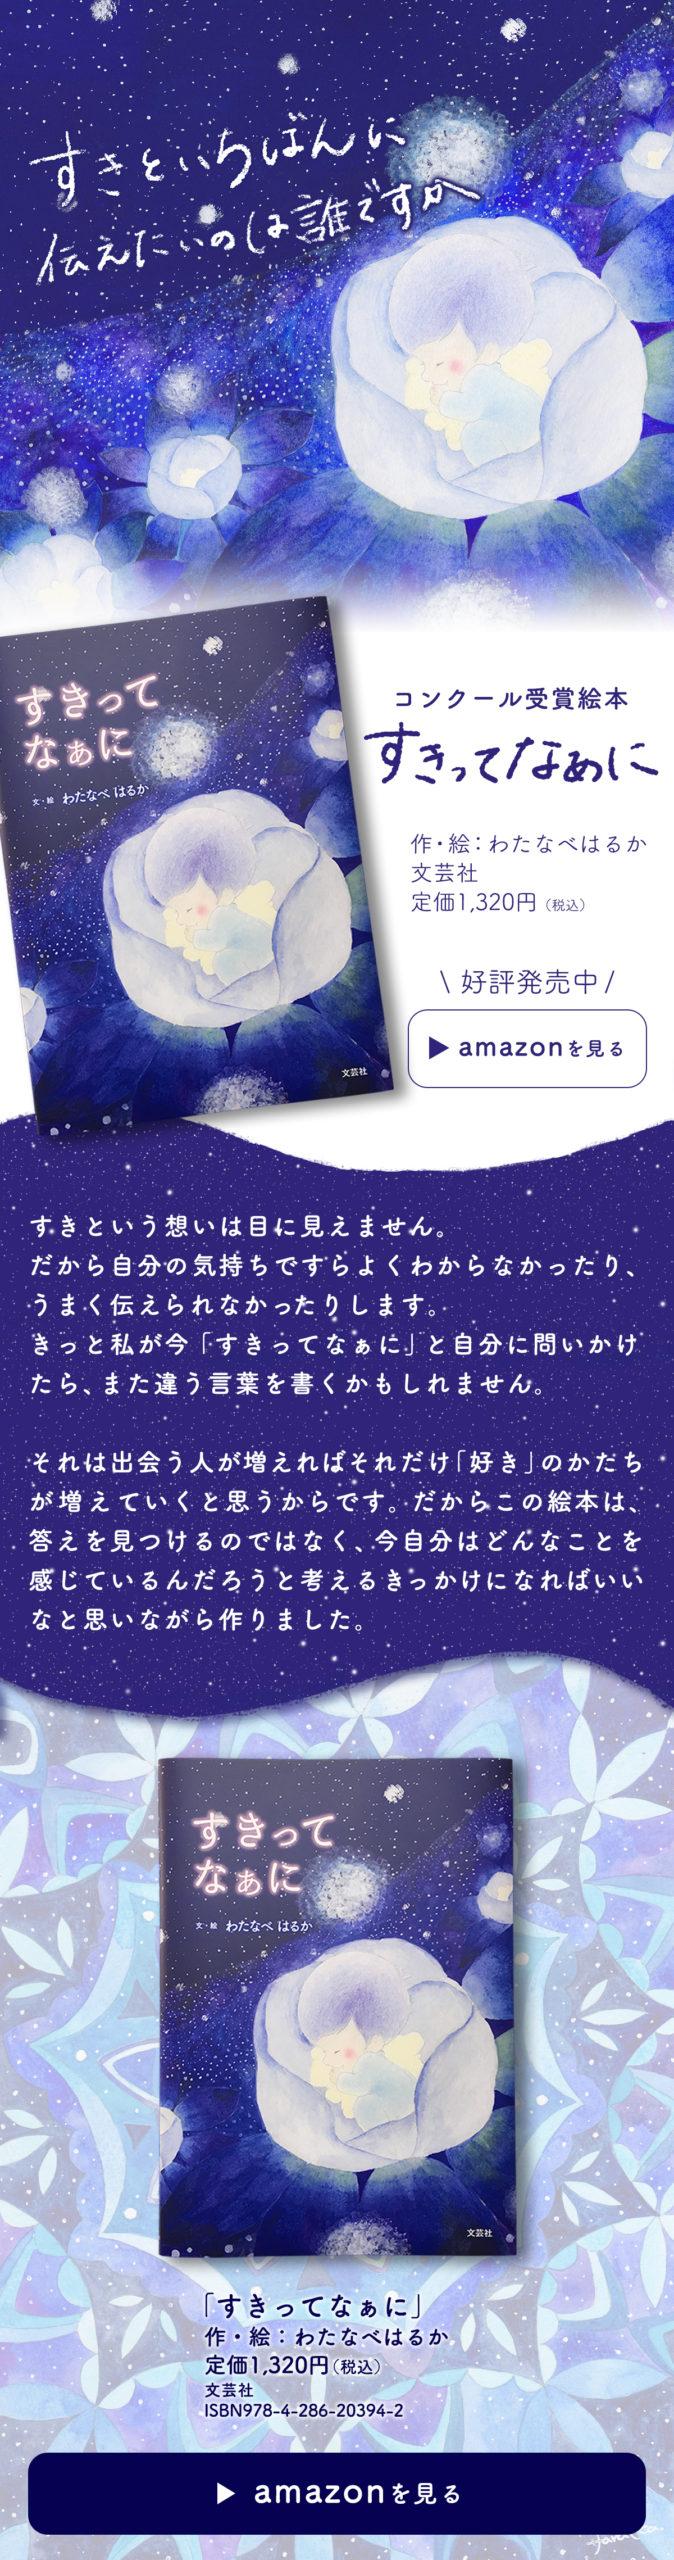 lp_re_suki_13